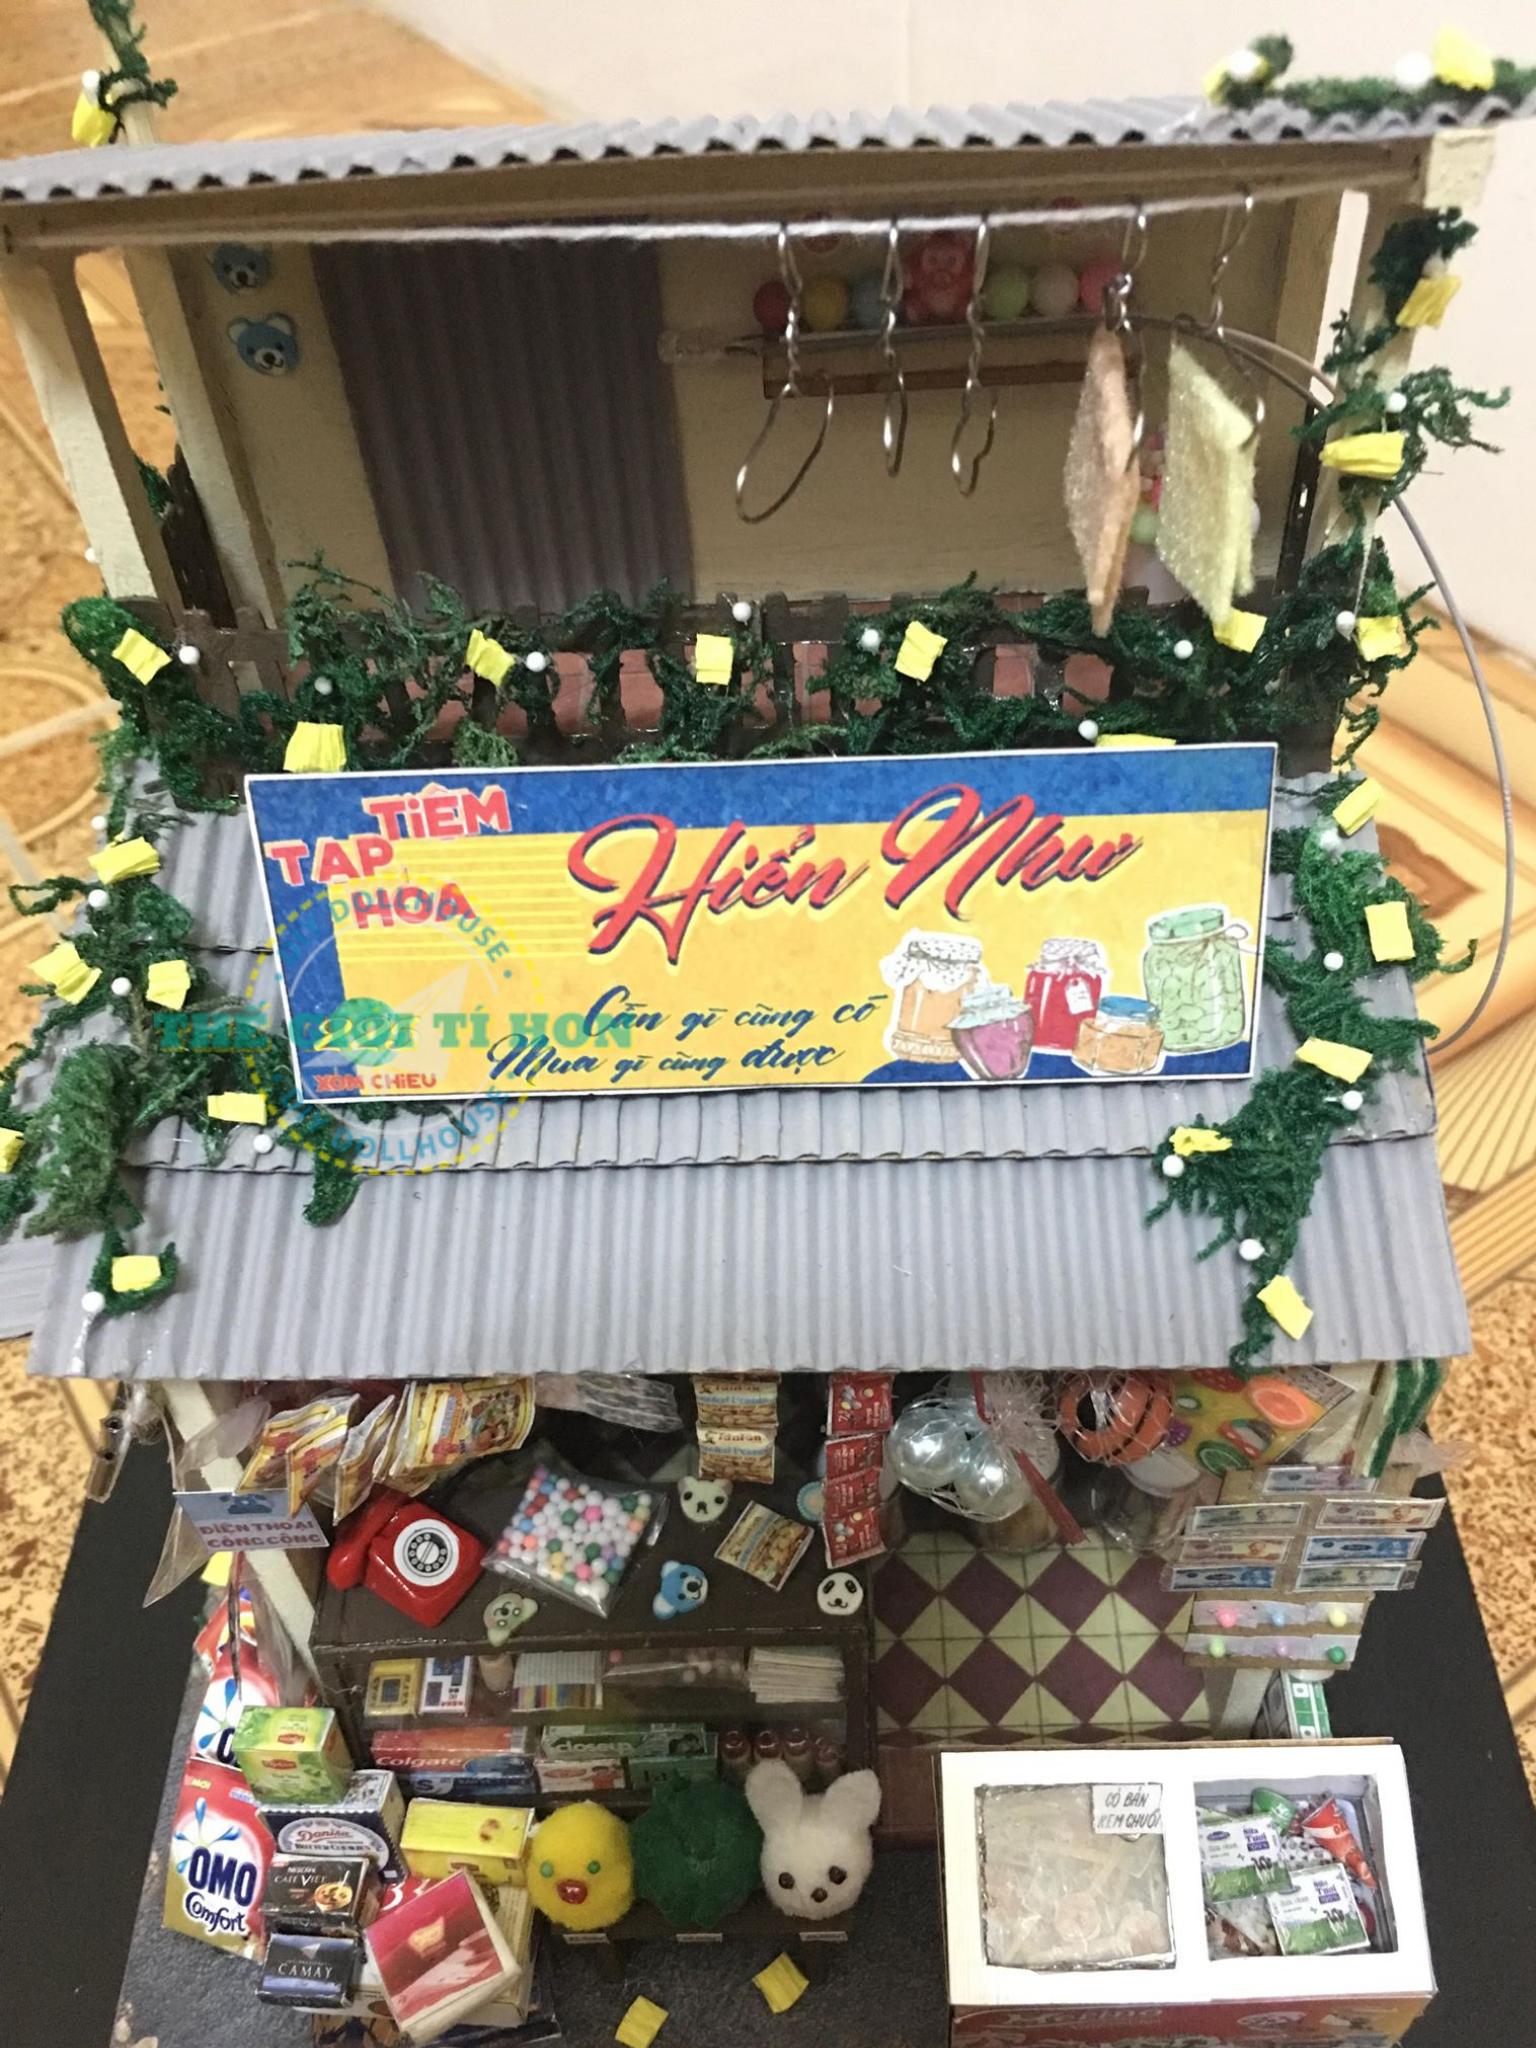 Sài Gòn Thu Nhỏ Mô Hình Bằng Gỗ DIY Của Ngọc Như